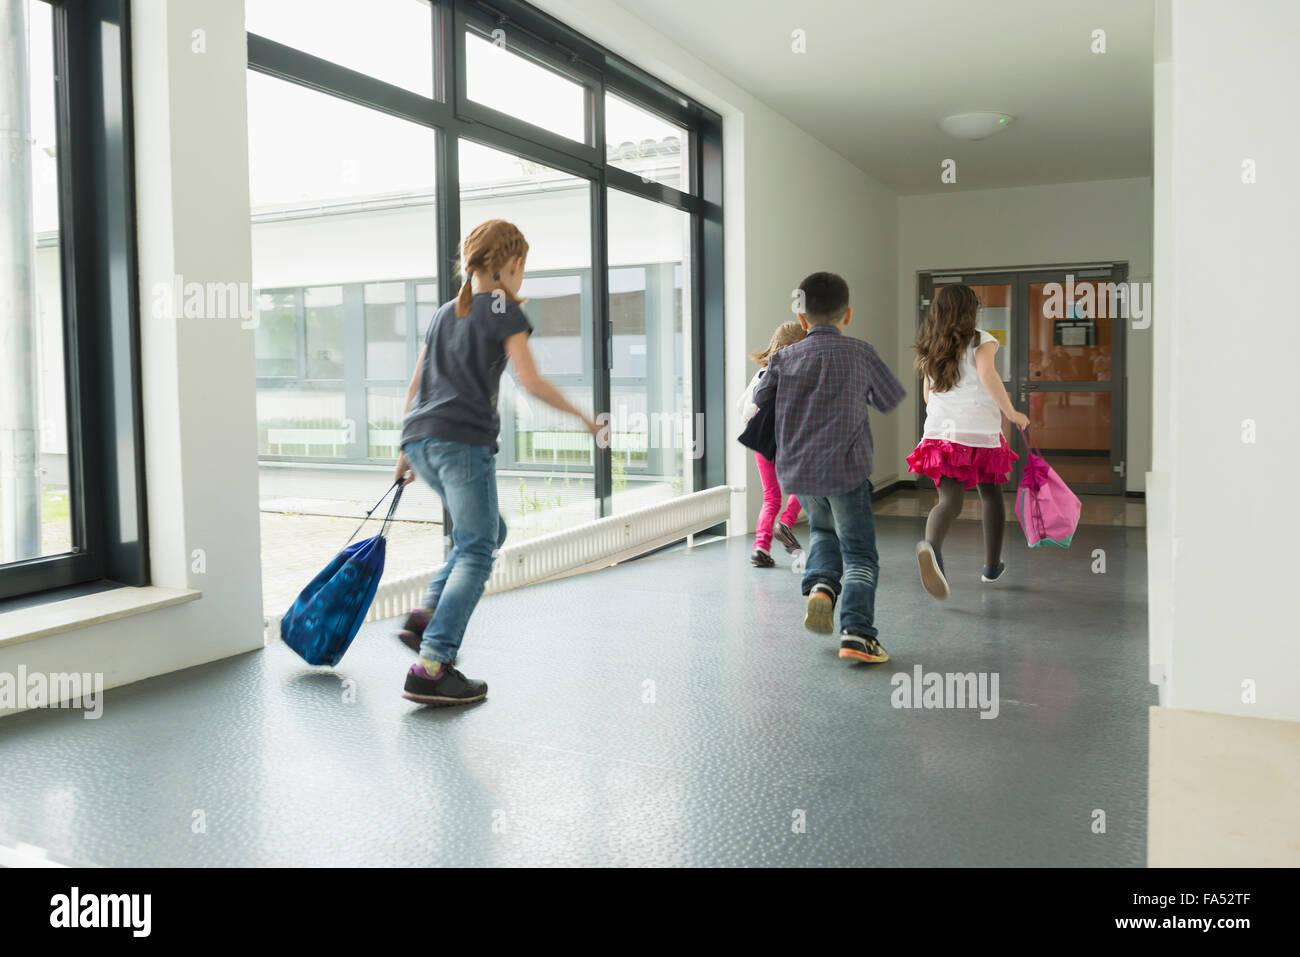 Los niños corriendo con bolsas de deporte en el corredor de la sala de deportes, Múnich, Baviera, Alemania Imagen De Stock